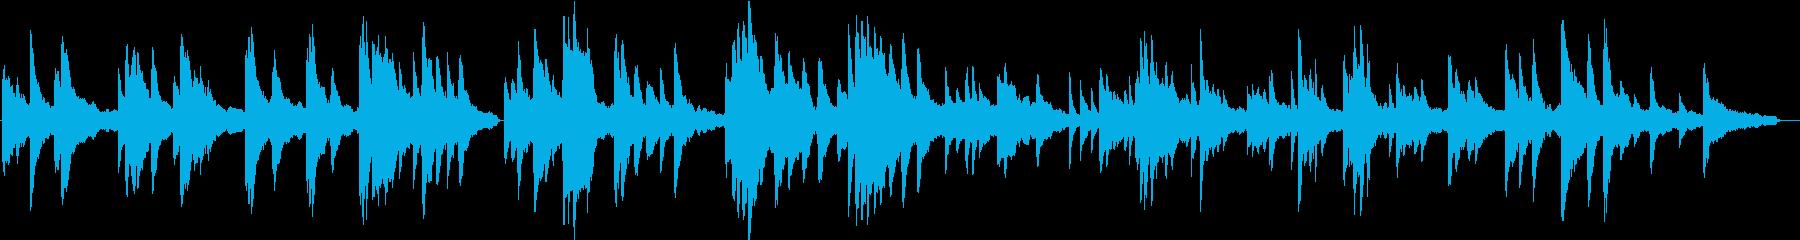 ヒーリングピアノ組曲 まどろみ 9の再生済みの波形